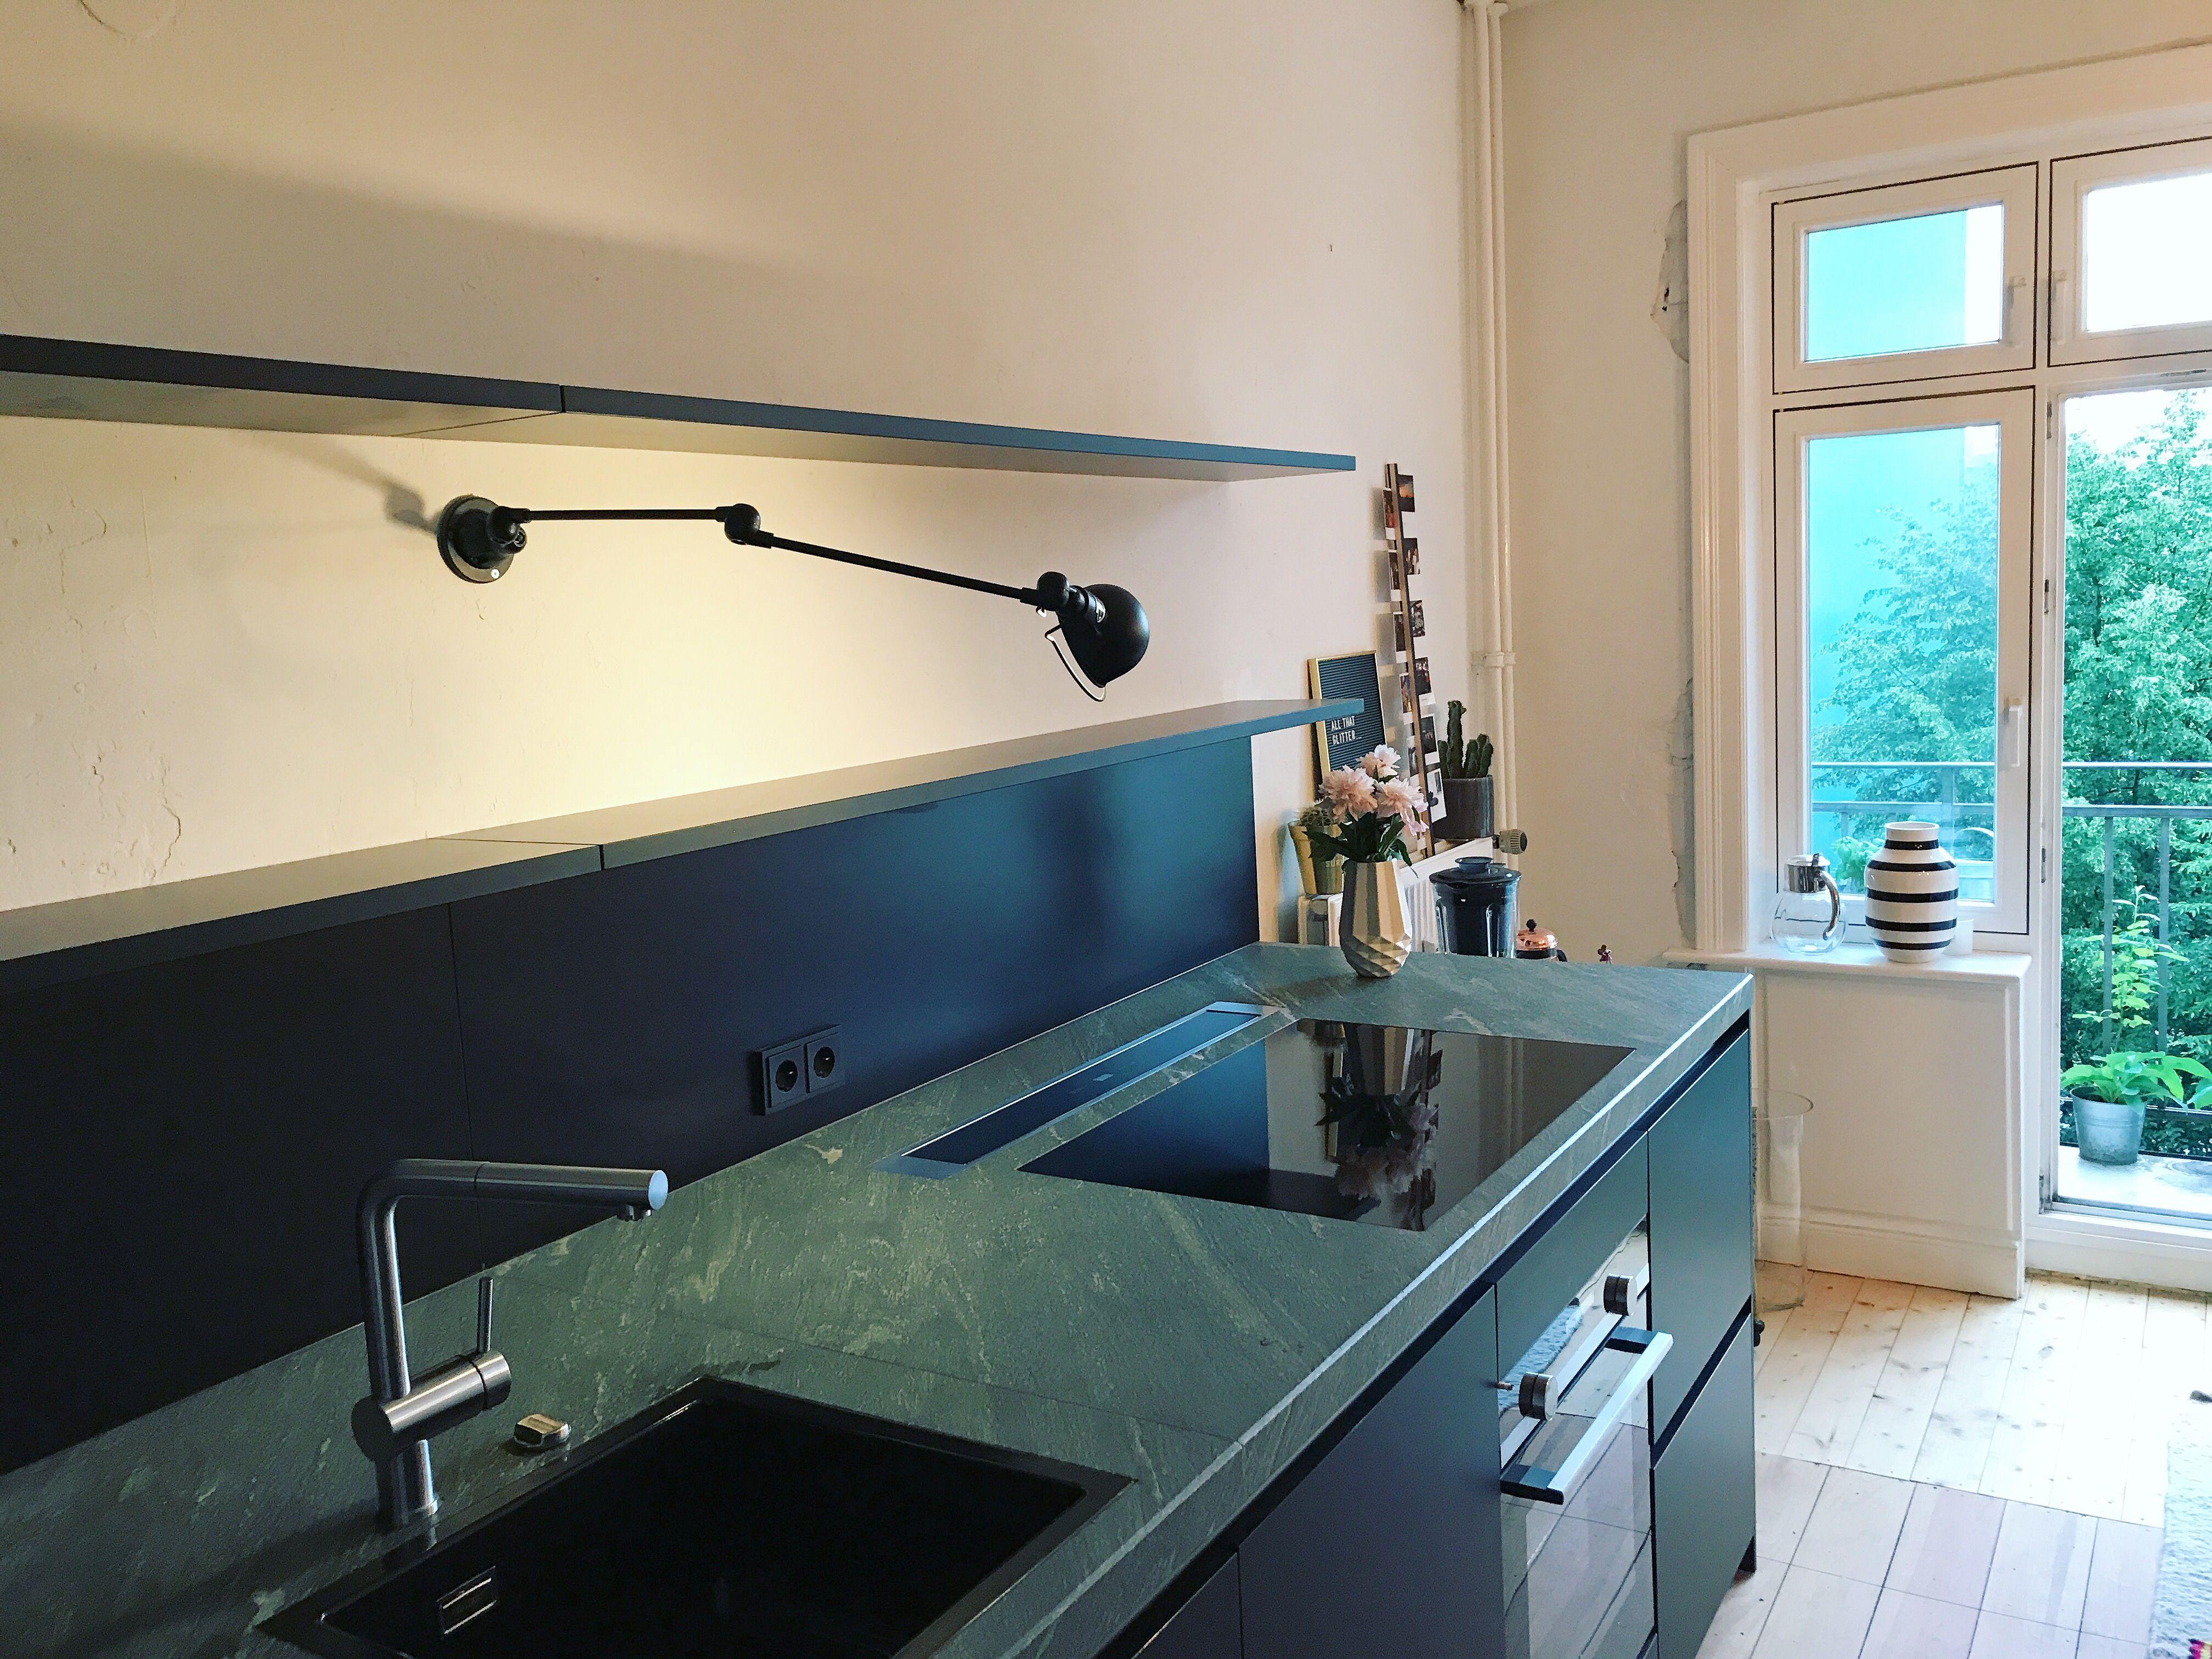 Küchen design pop schwarze küche mit grünem granit kitchen kueche küche küchen